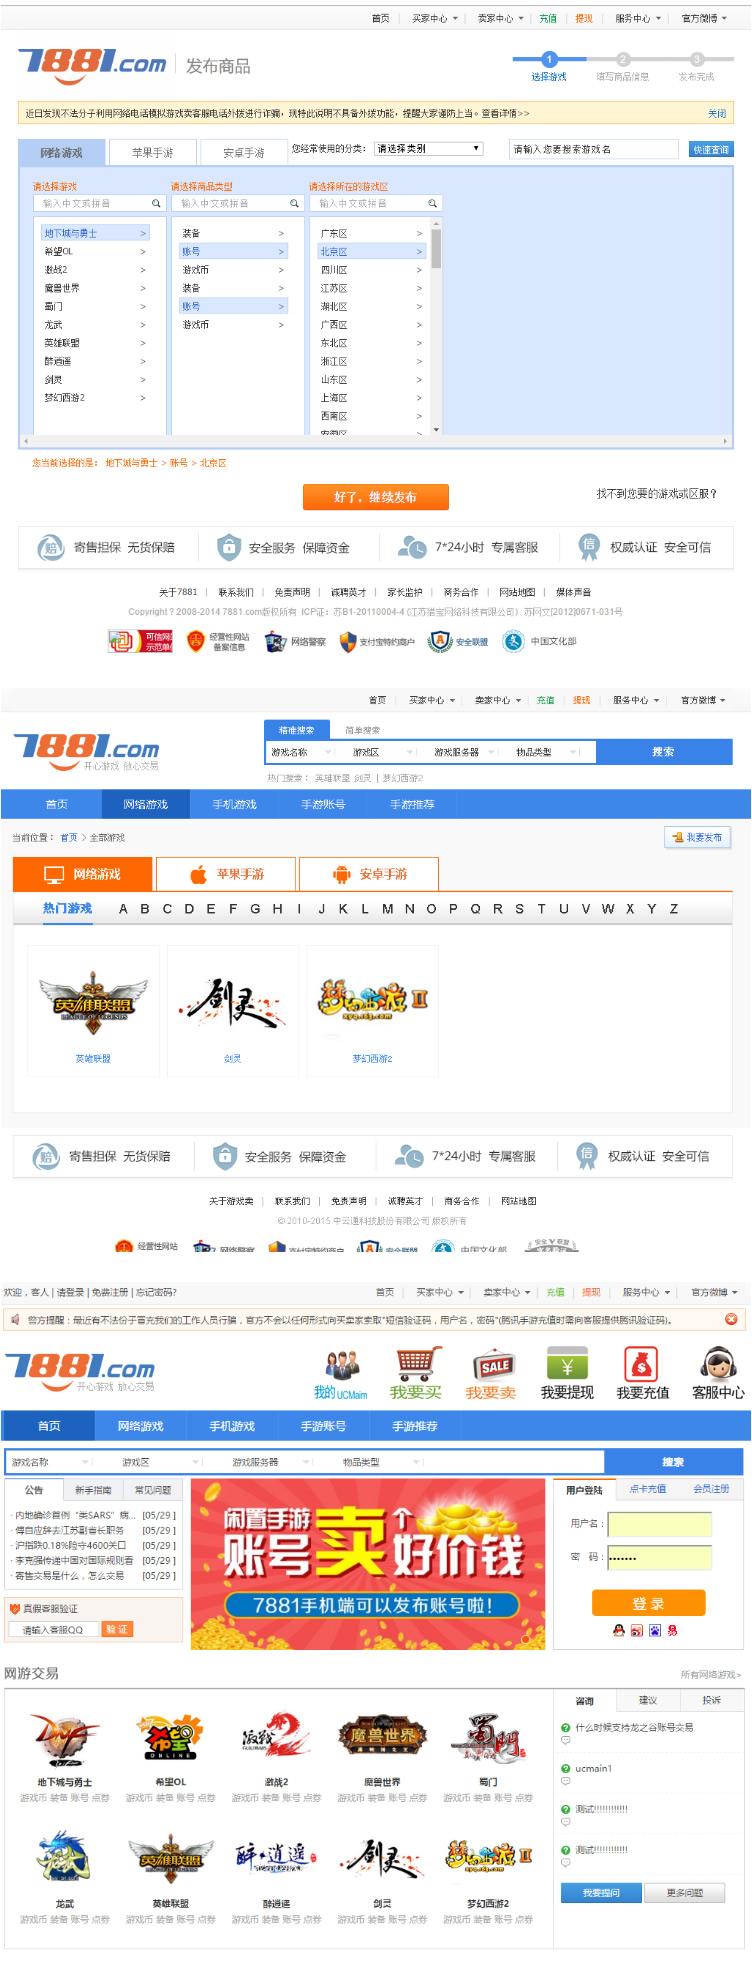 价值8000仿7881游戏装备交易网系统源码修复版 可做虚拟点卡和网站源码下载交易系统-爱资源分享